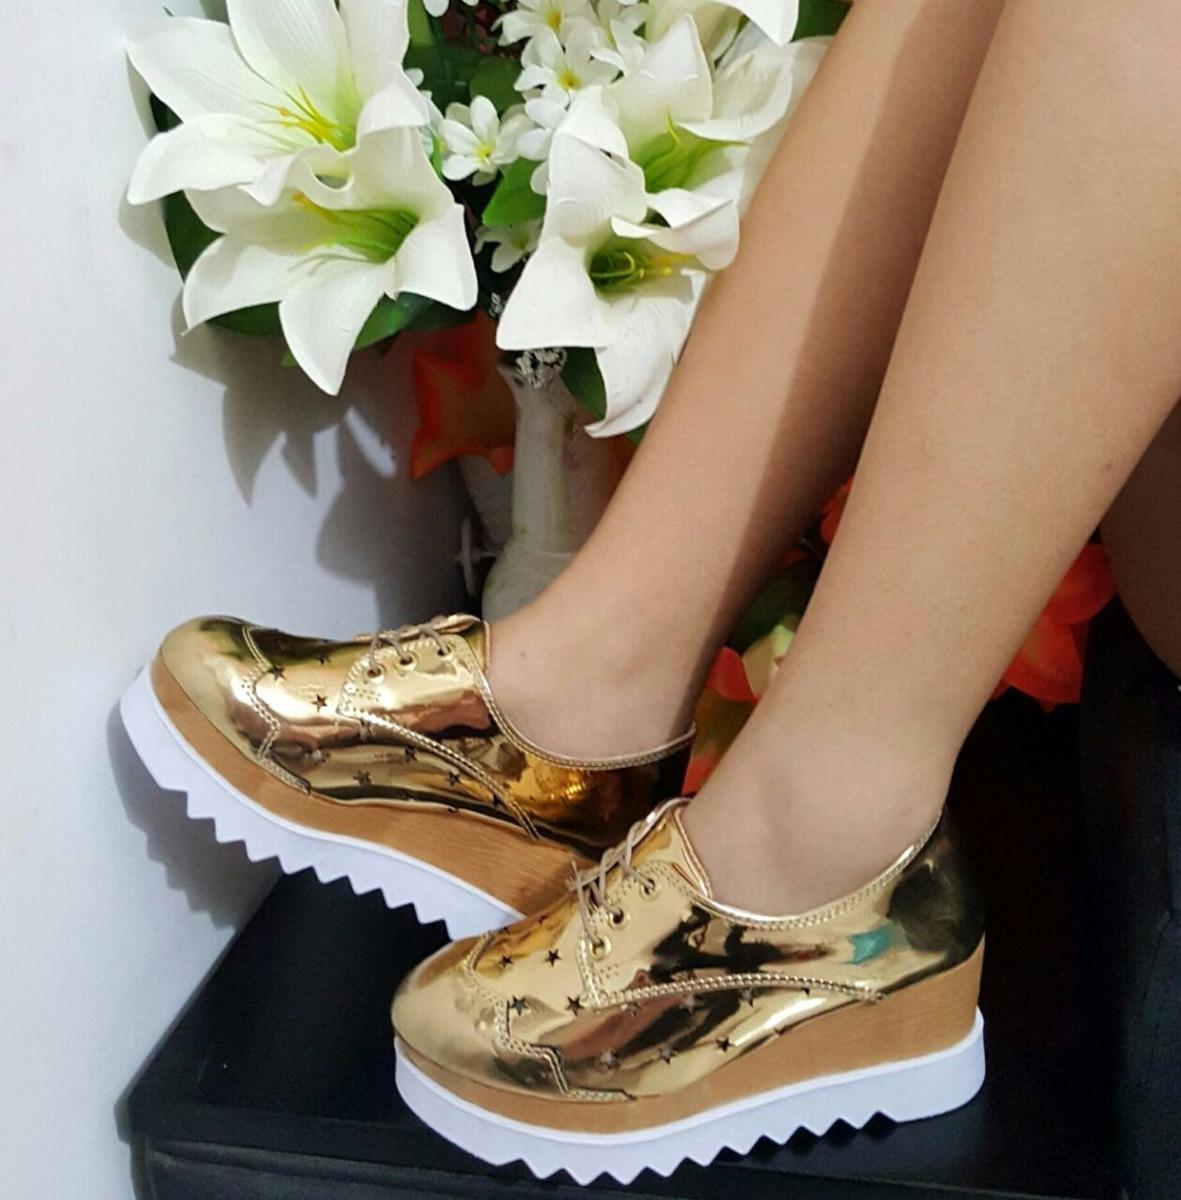 c446424ffb3 tenis para mujer color dorado plataforma zapato dama moda. Cargando zoom.